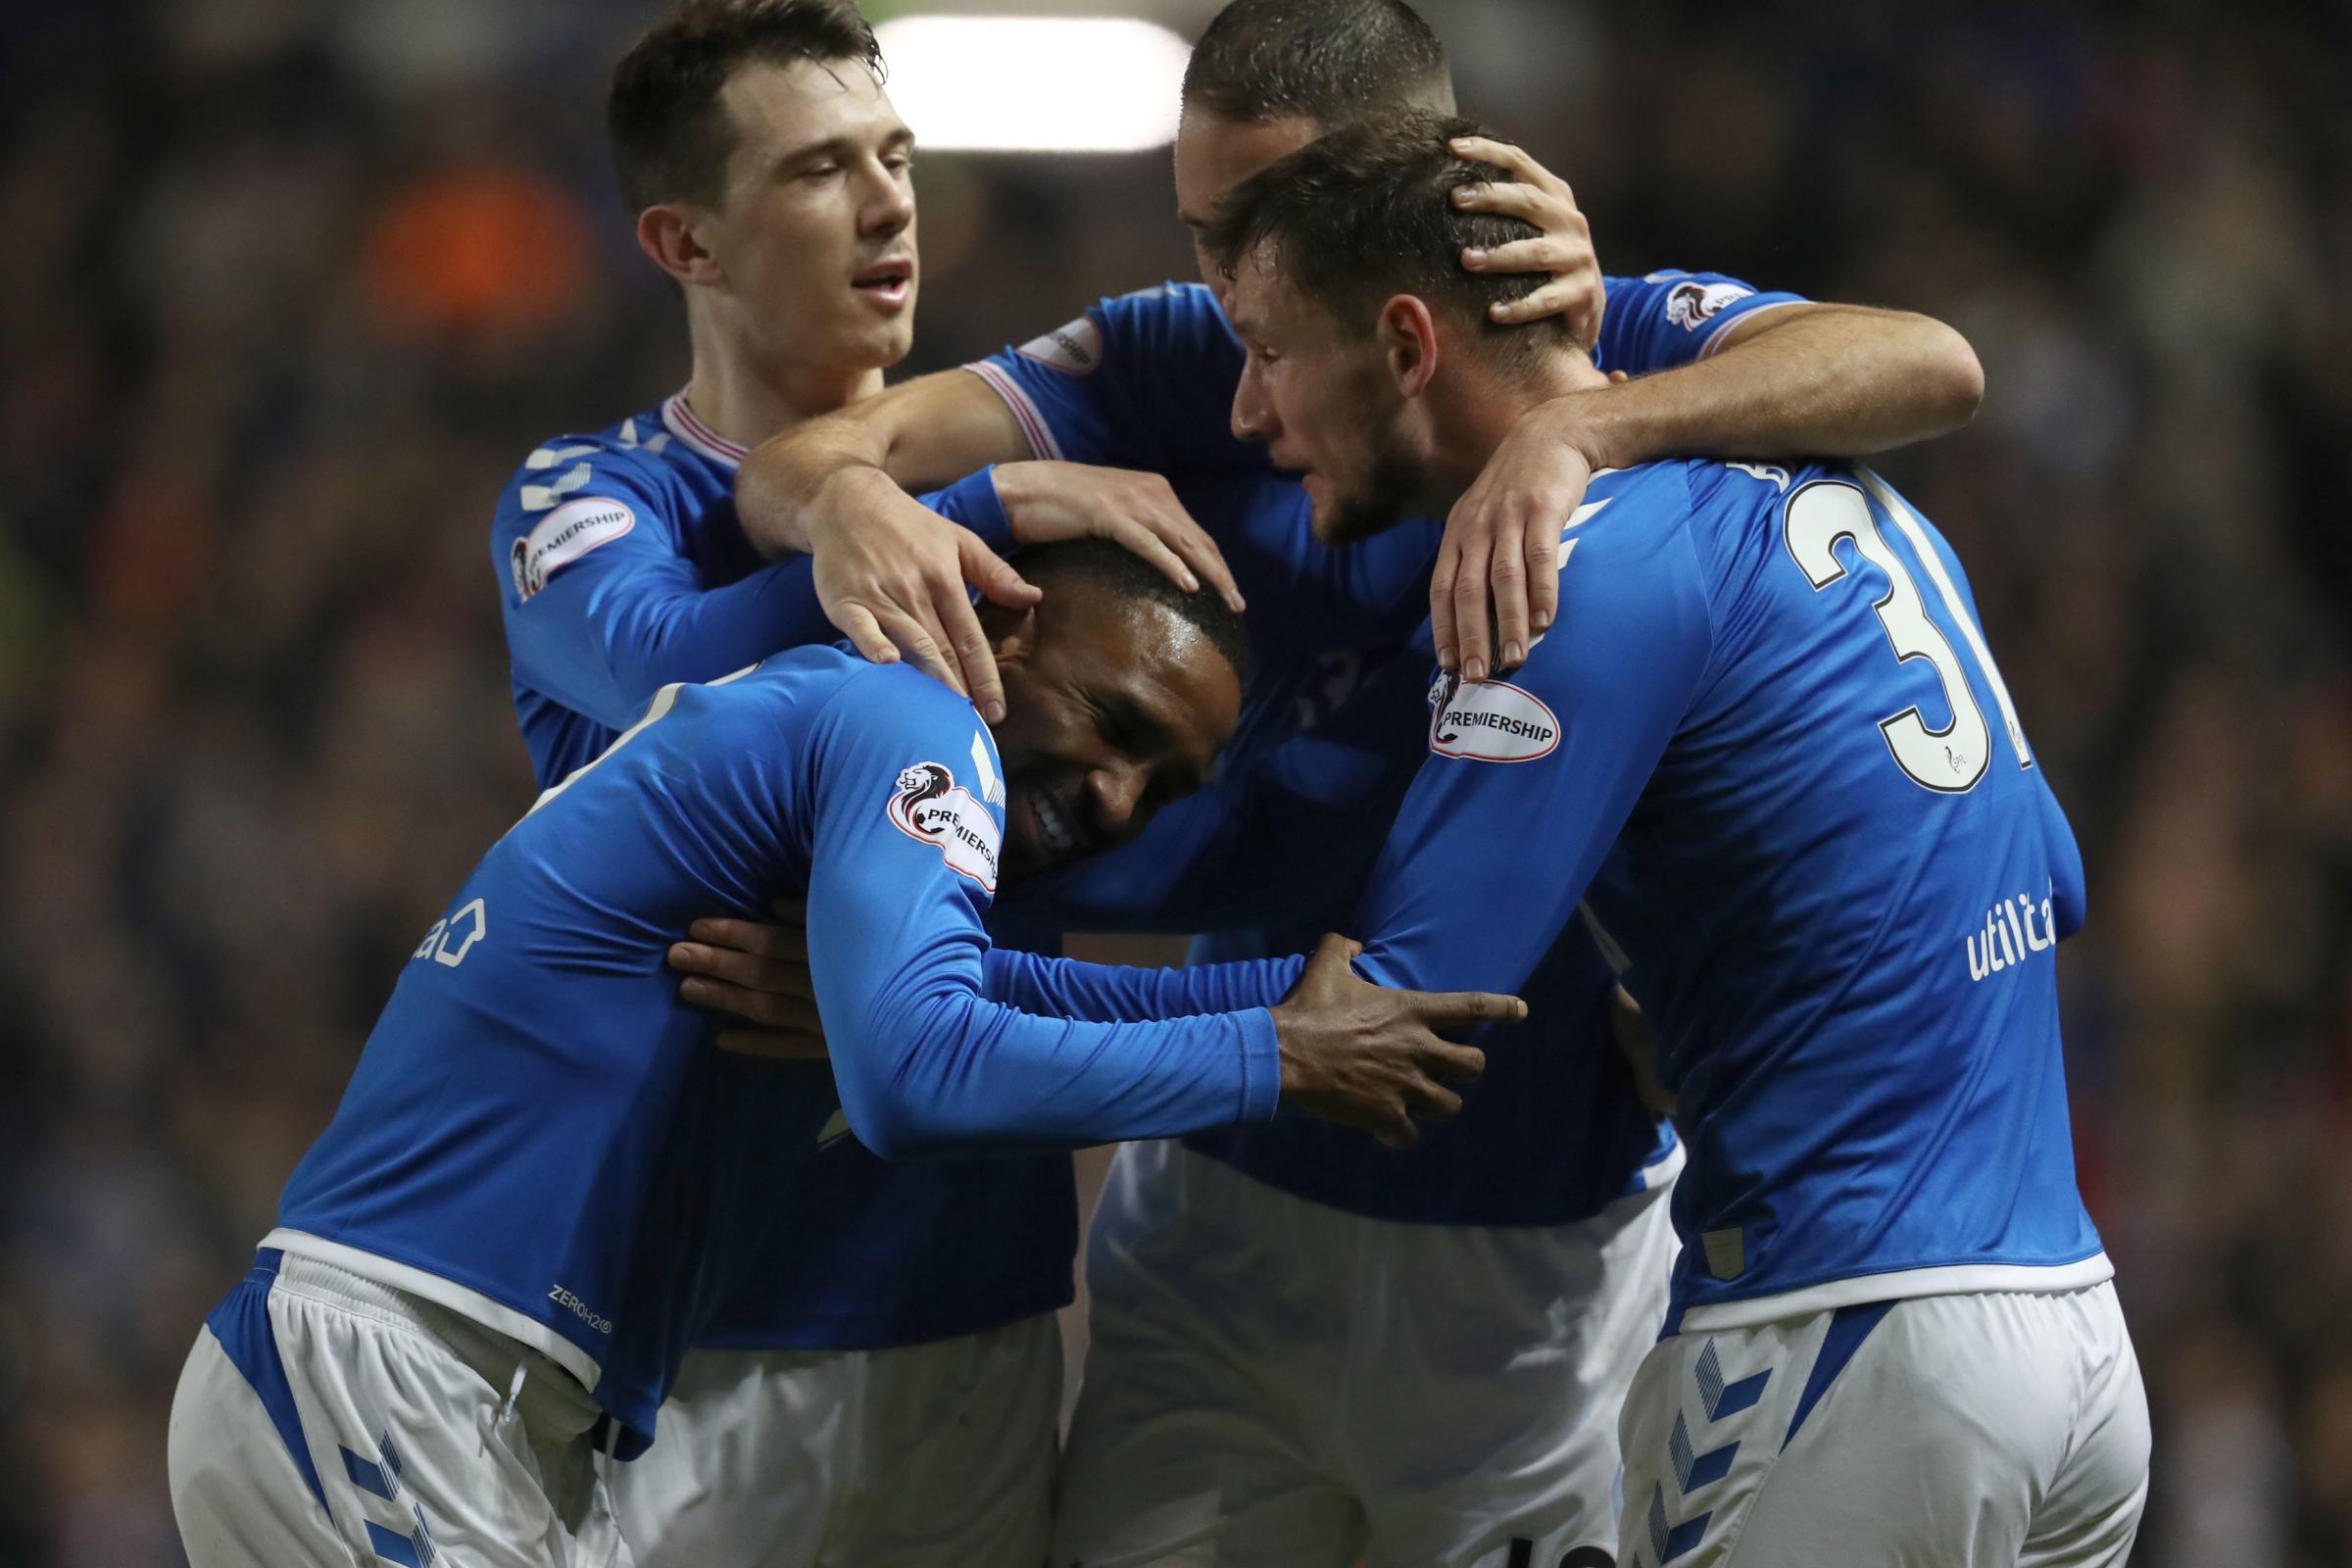 Rangers 1-0 St Mirren: Nervy win keeps Steven Gerrard's side on course in the title race